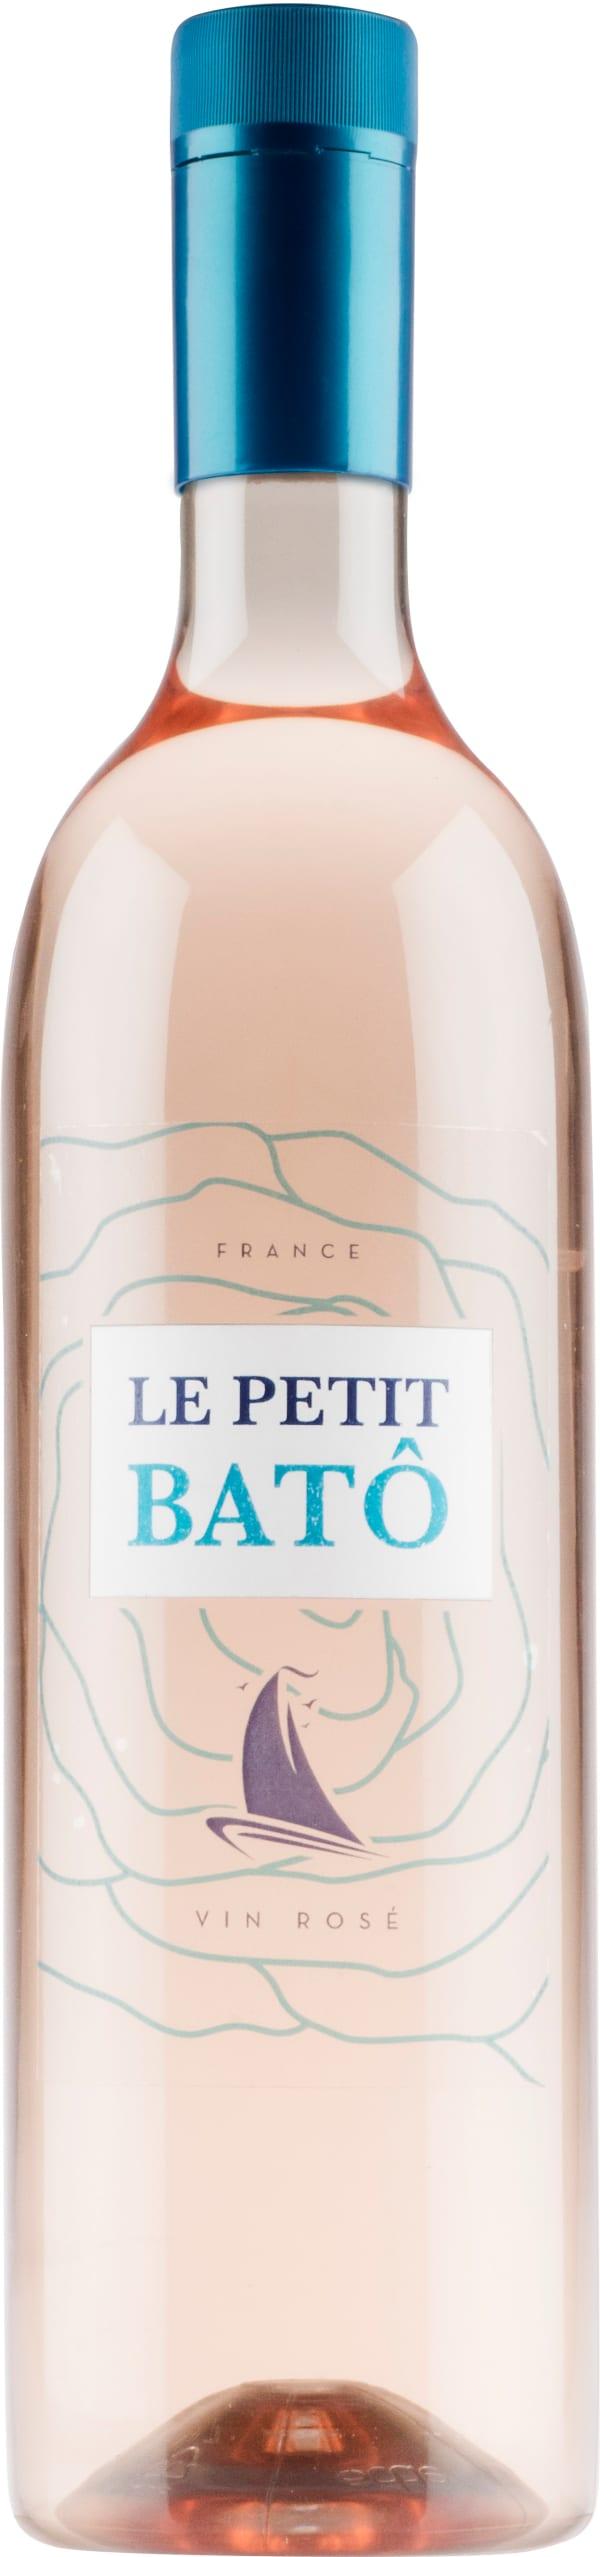 Le Petit Batô Rosé 2019 plastflaska